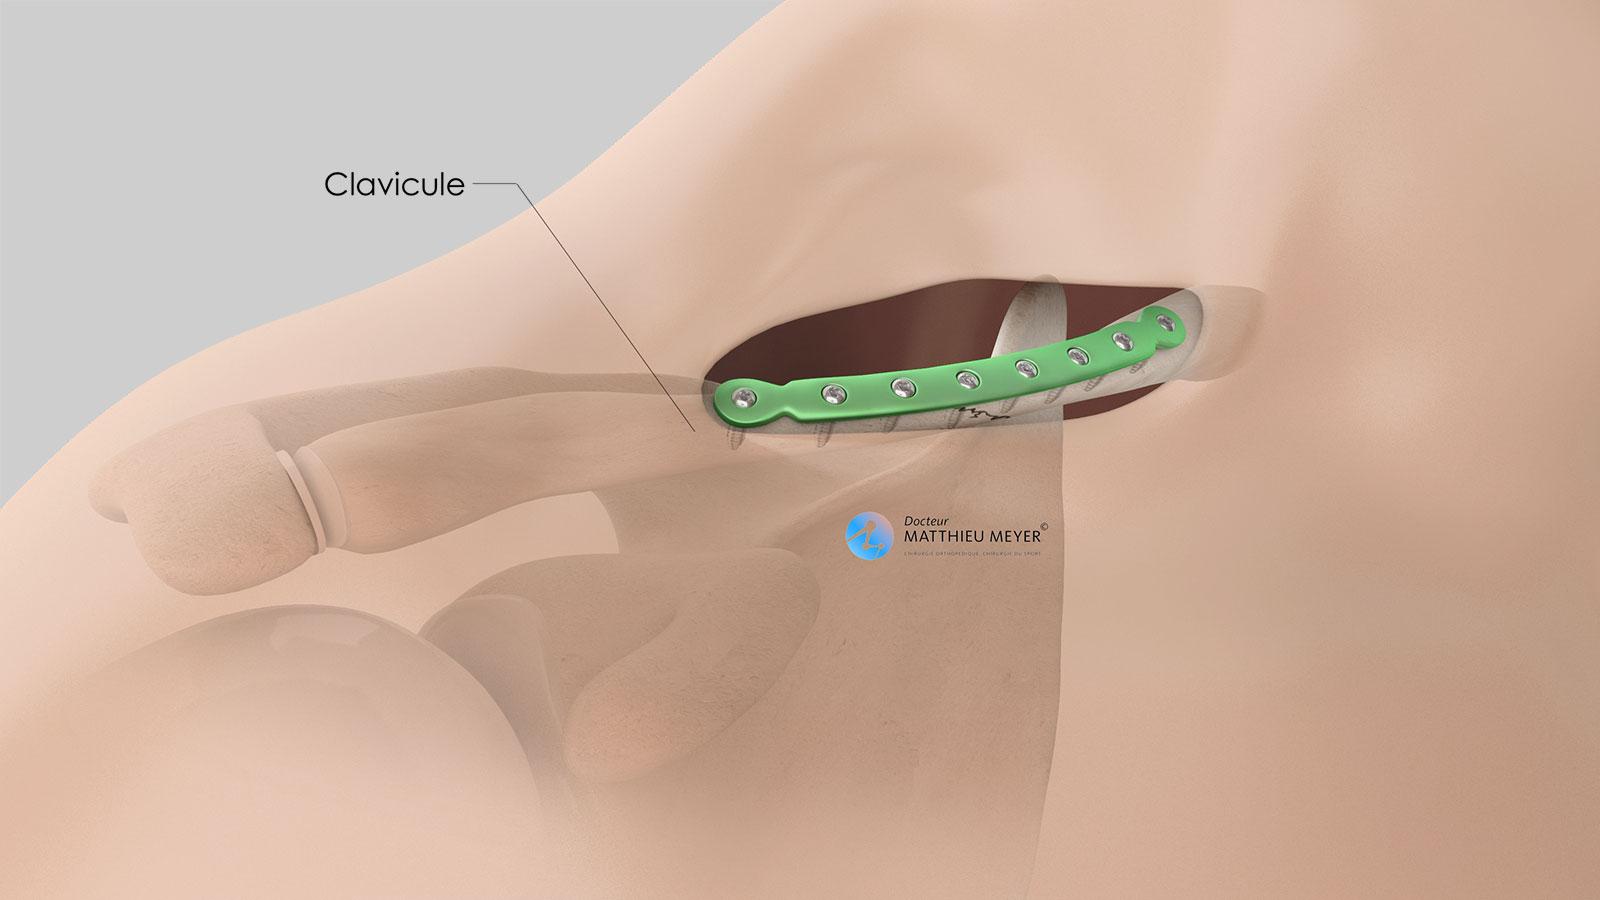 Ostéosynthèse de la clavicule par plaque vissée